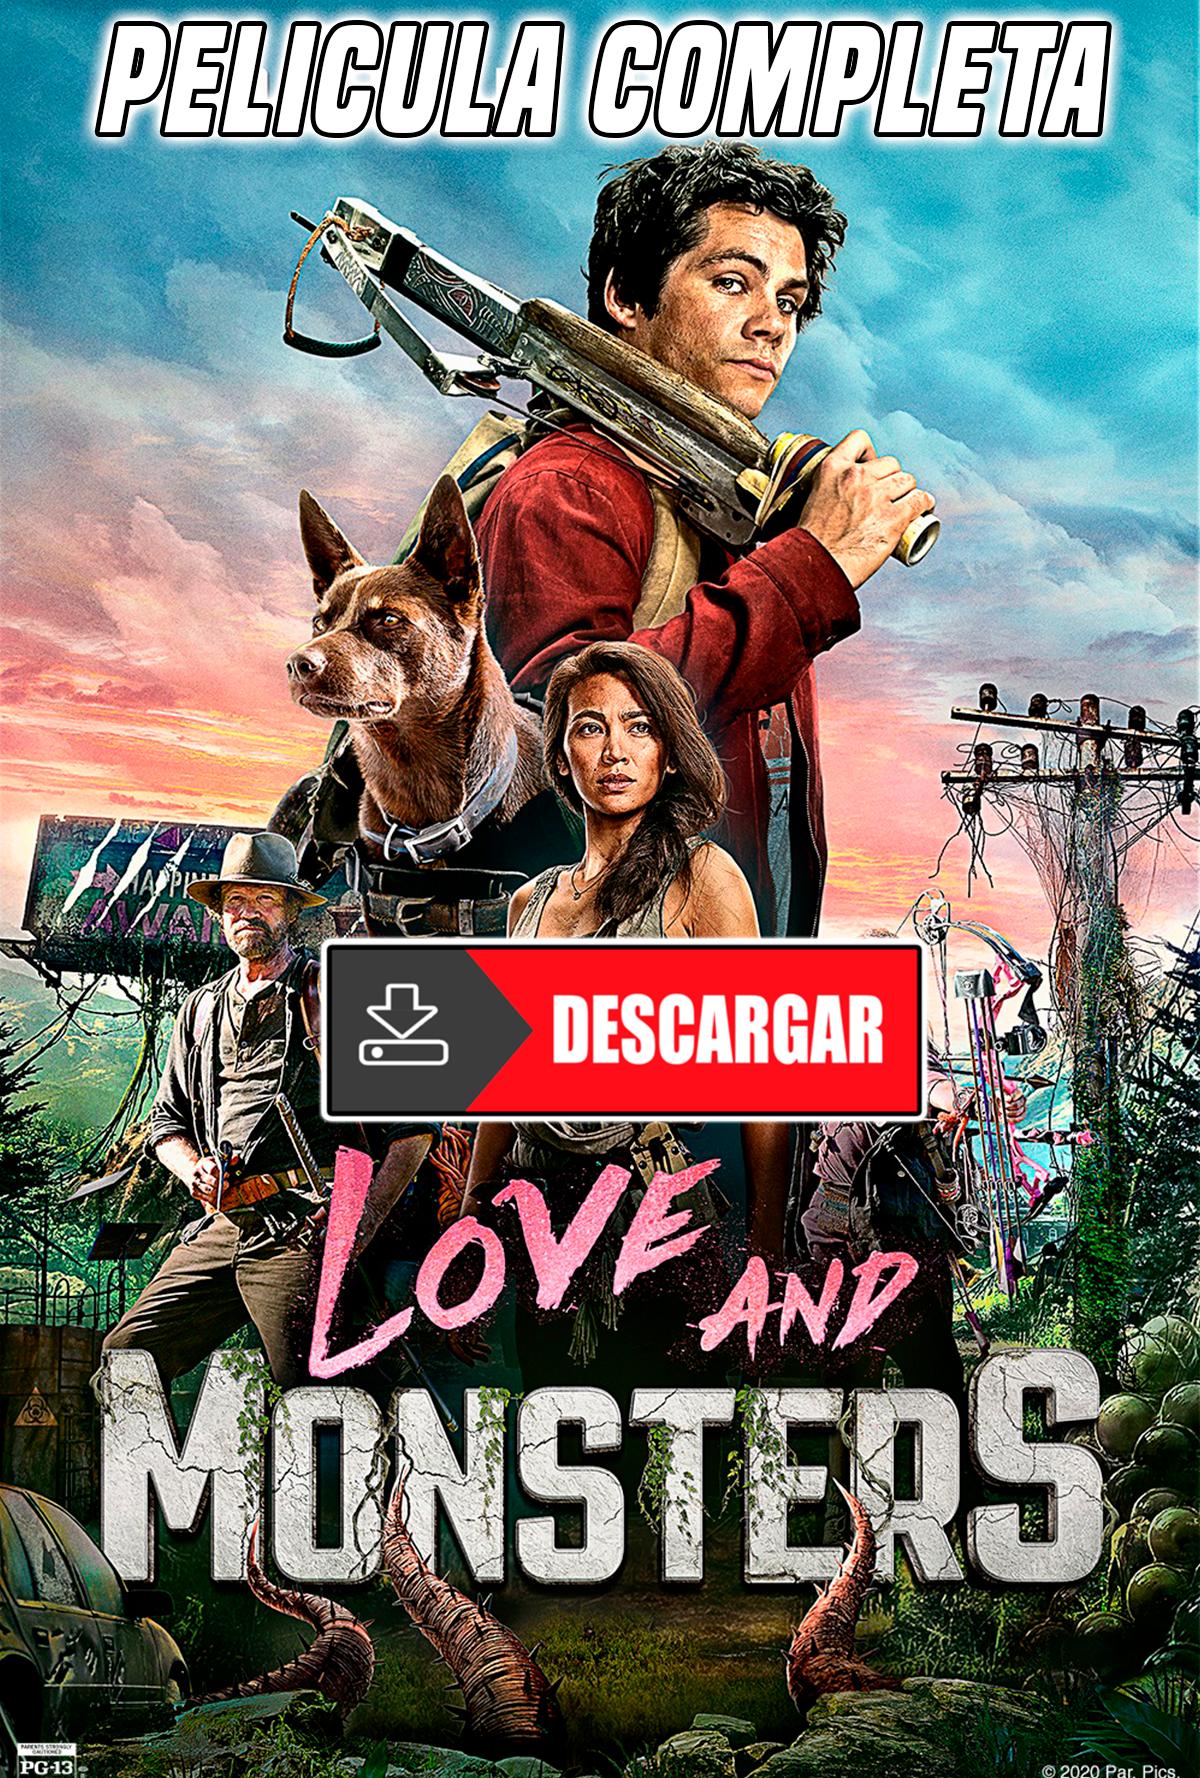 Descargar Love And Monsters Película Completa En Español Subtitulado 2020 Dylan O Brien Movies Love Monster Movie Monsters